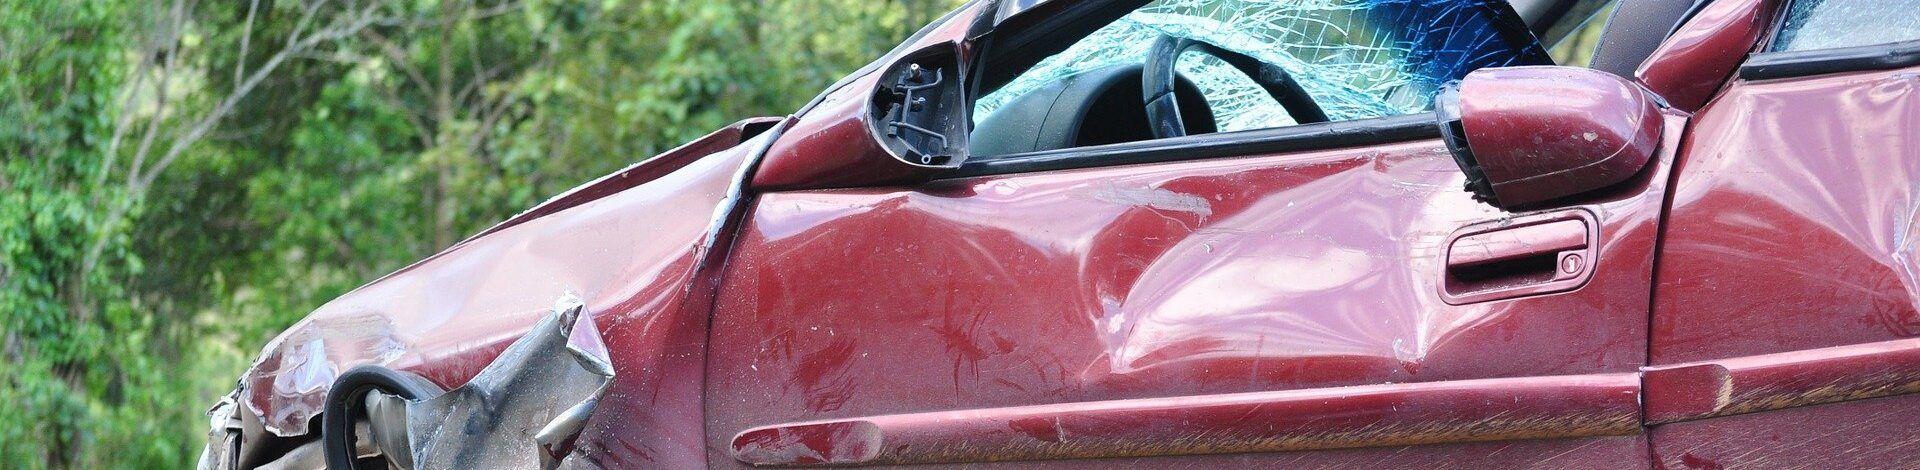 pagan-mas-los-coches-por-el-seguro